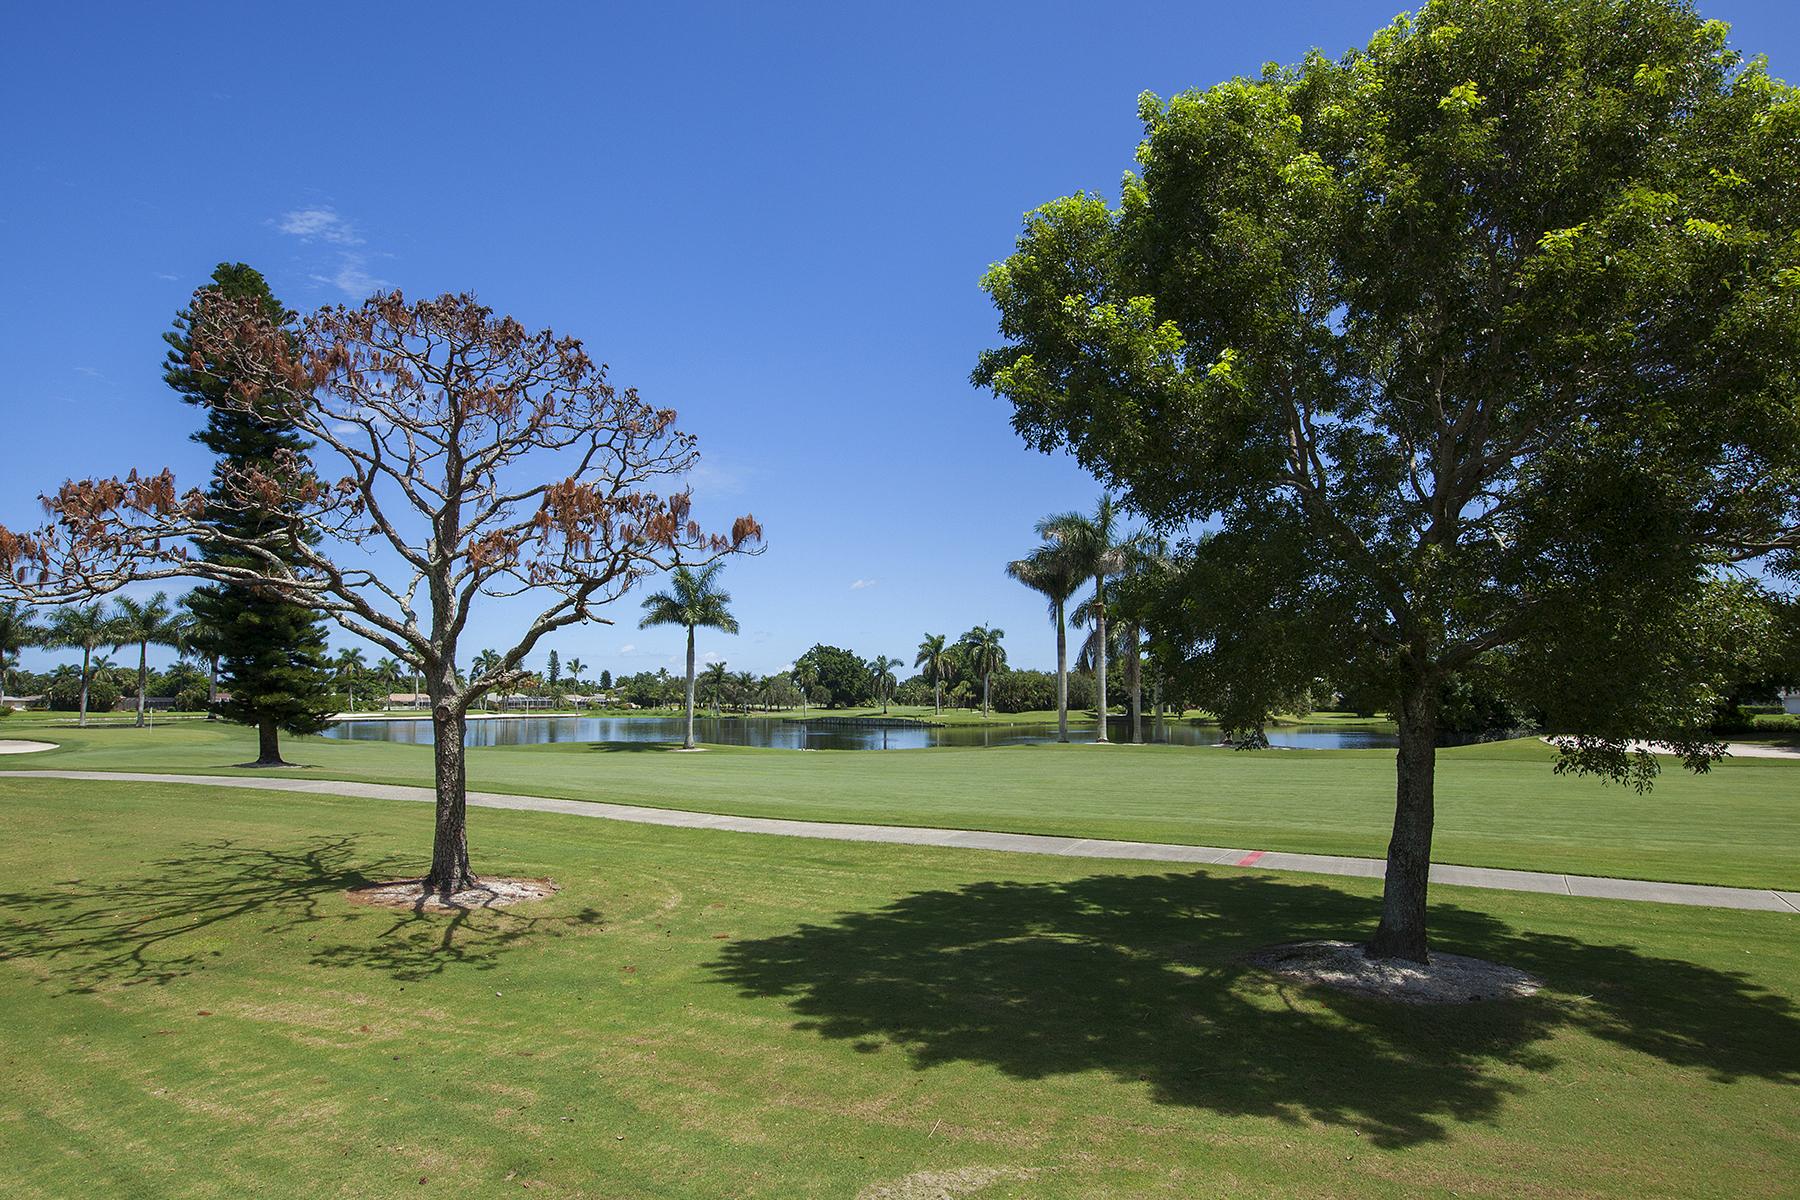 Maison unifamiliale pour l Vente à MARCO ISLAND - JAMAICA ROAD 1266 Jamaica Rd Marco Island, Florida, 34145 États-Unis